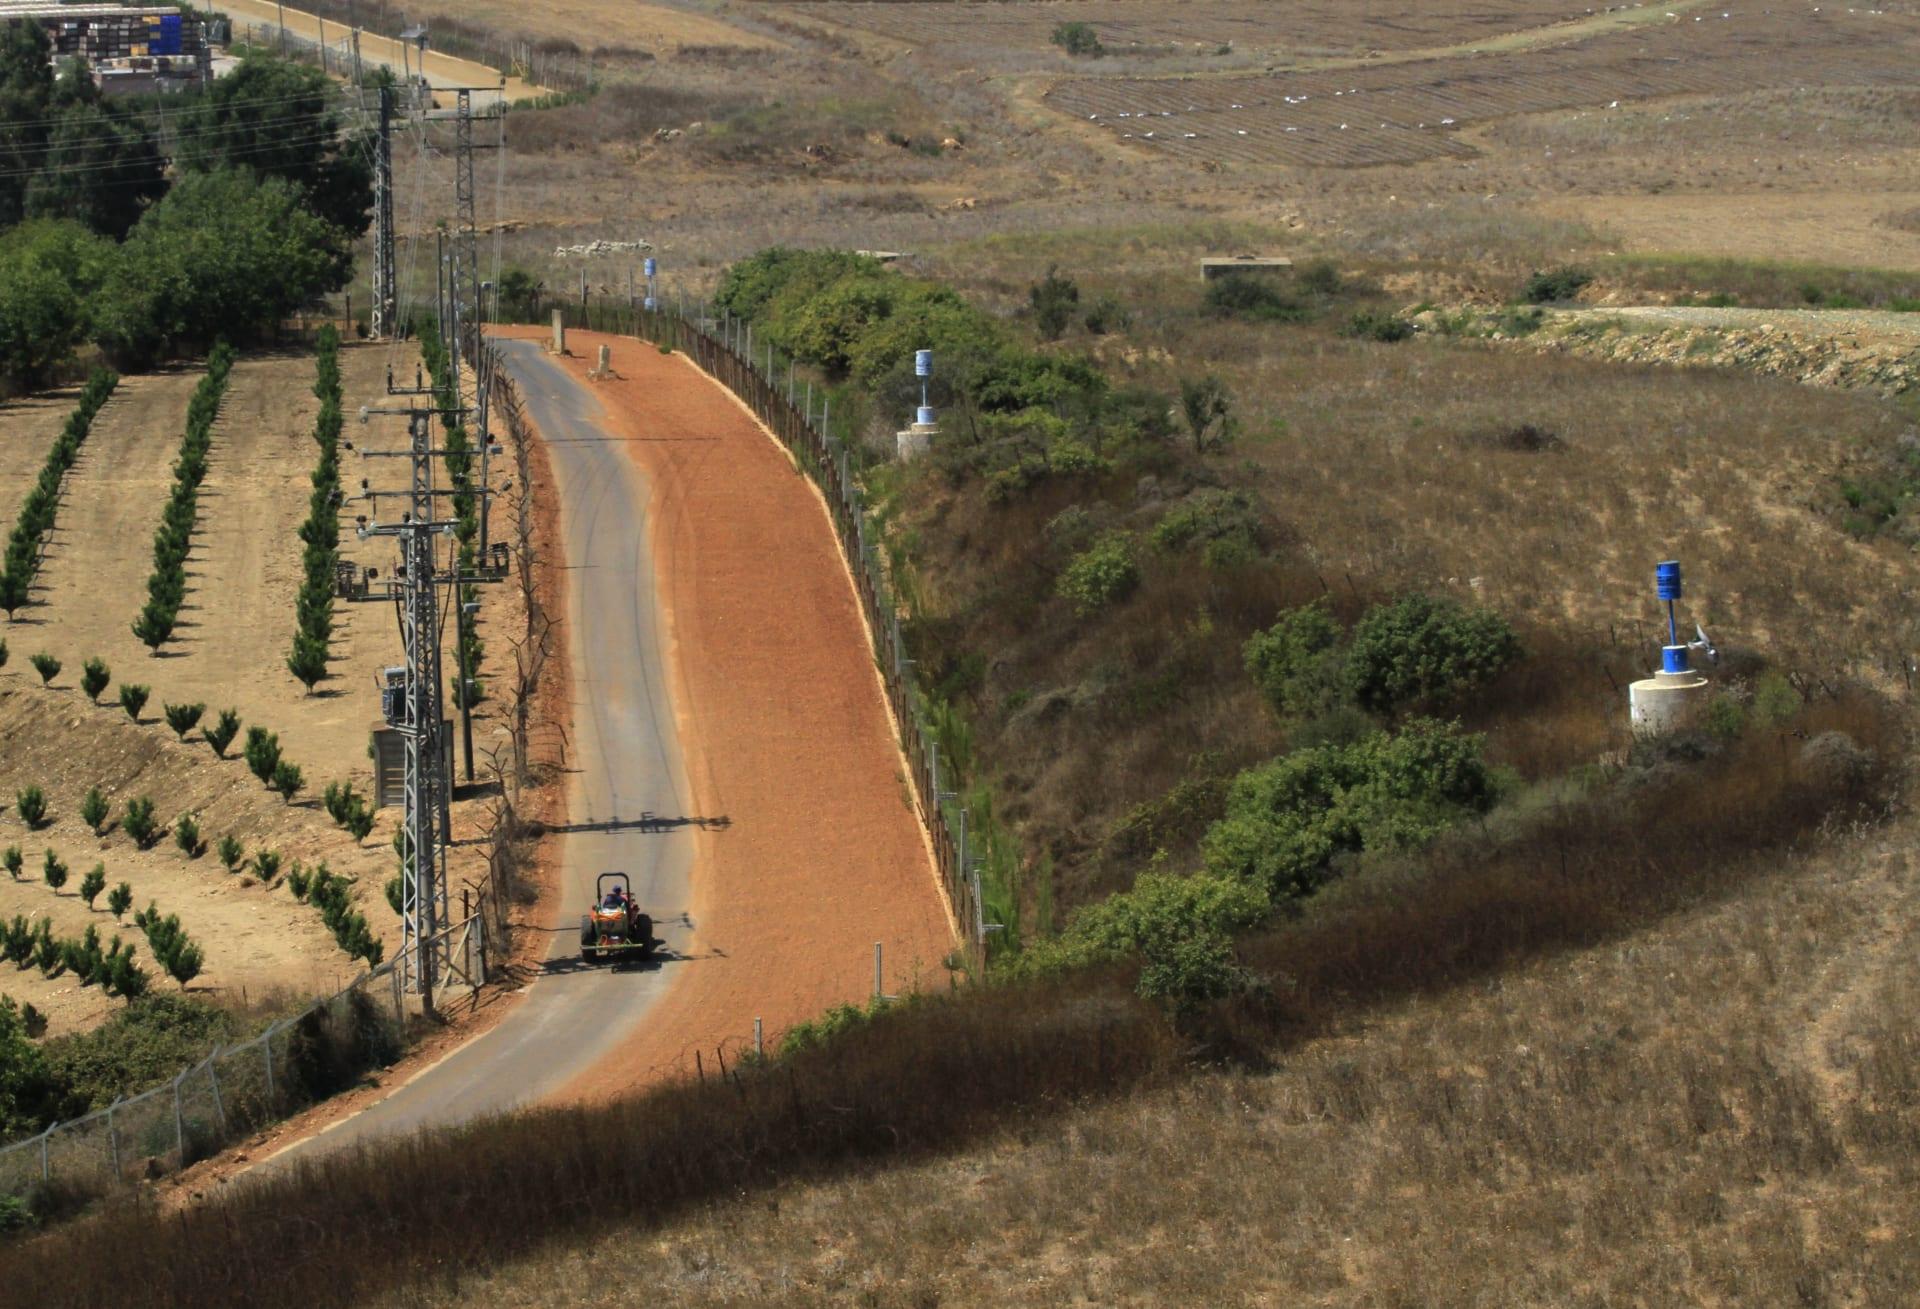 الجيش الإسرائيلي يعلن تحطم إحدى طائراته بدون طيار فوق لبنان